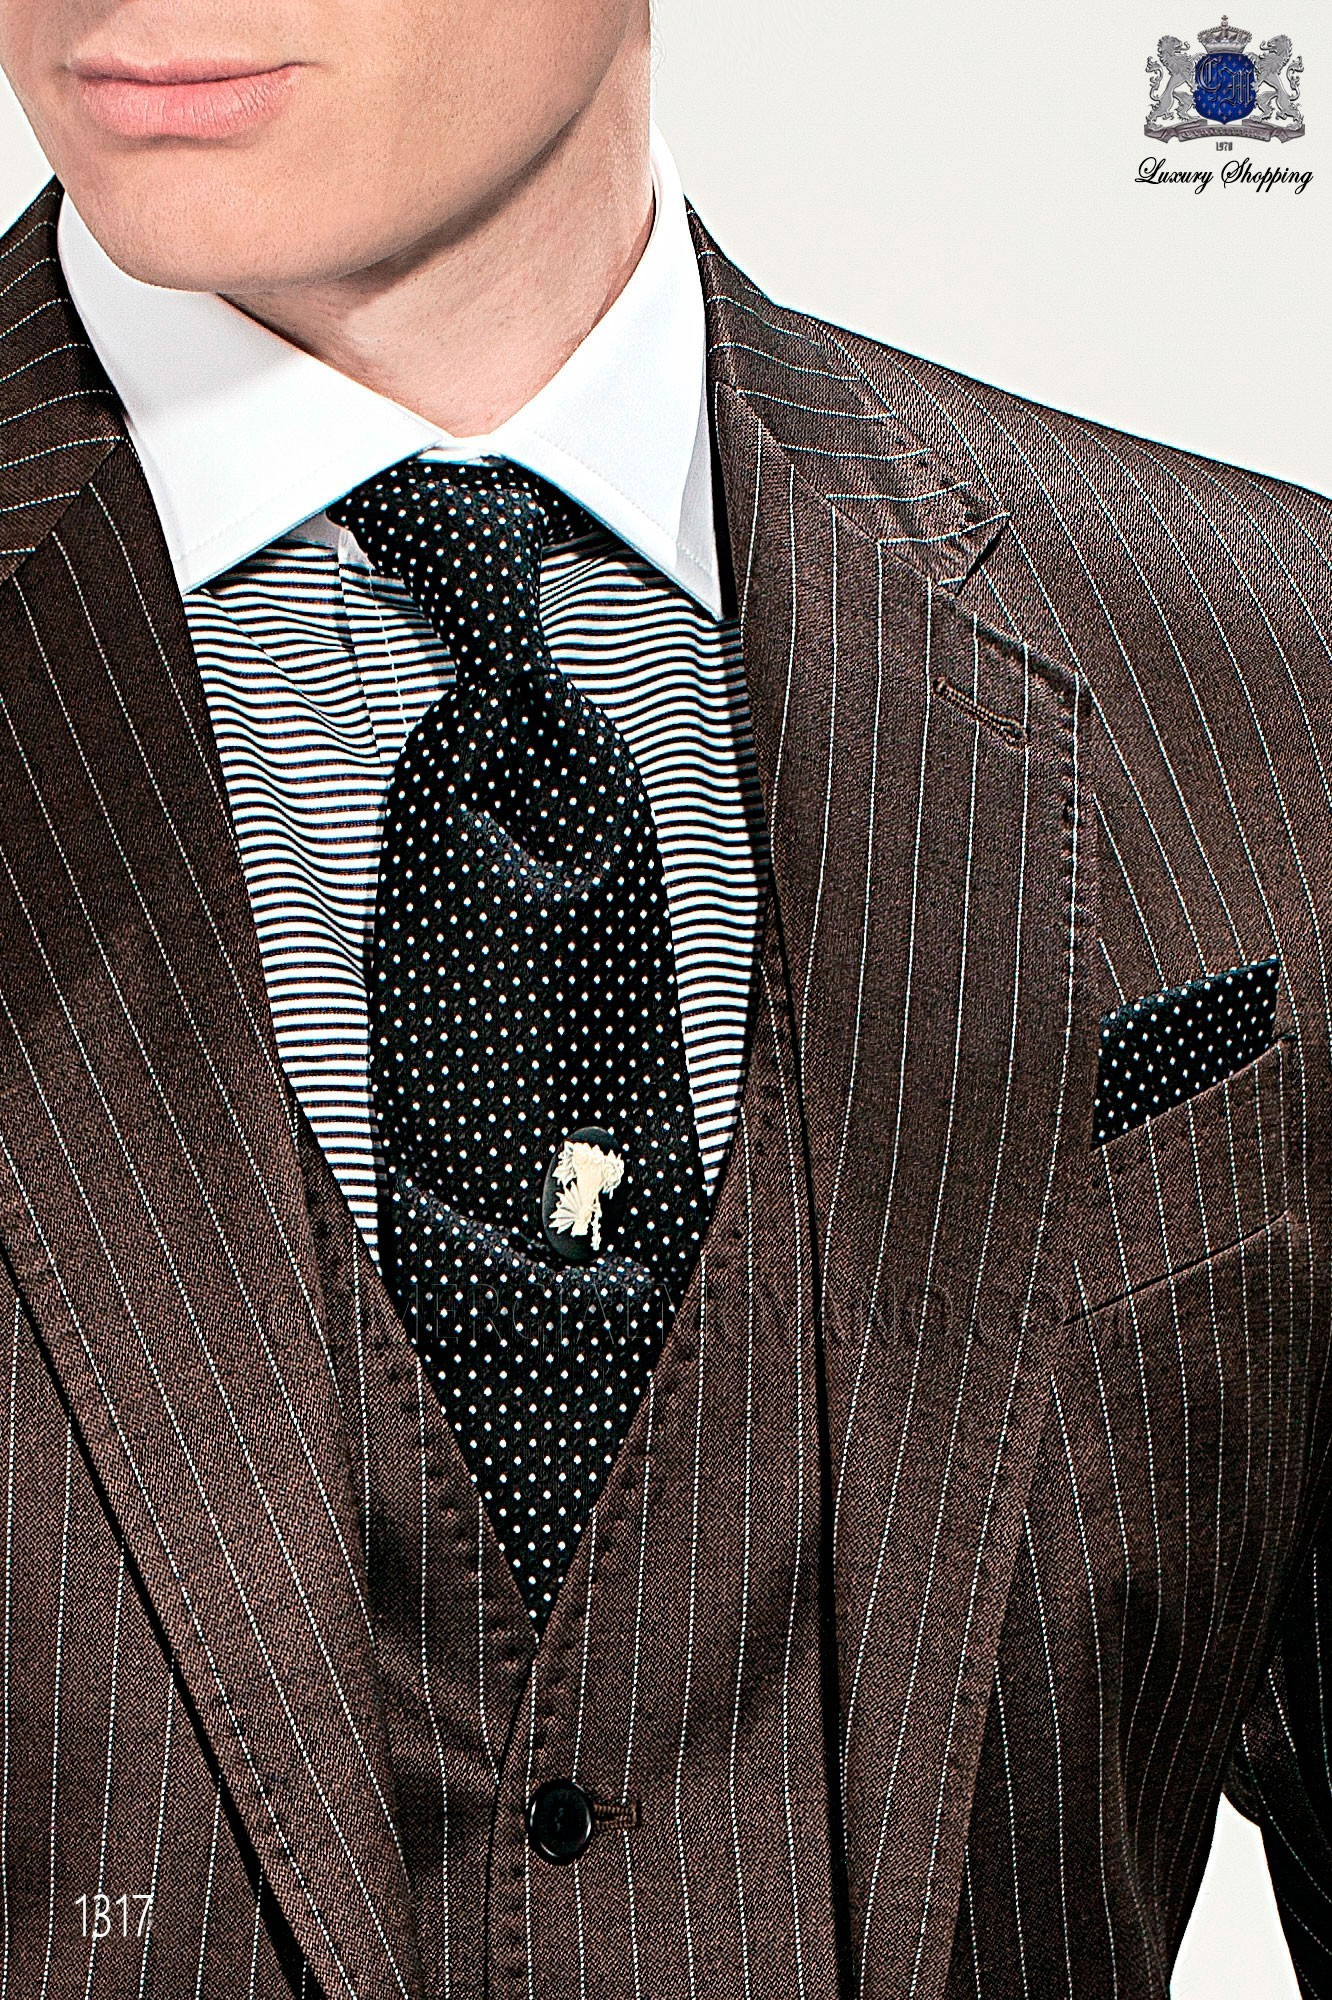 Traje Gentleman de novio marrón modelo: 1317 Ottavio Nuccio Gala colección Gentleman